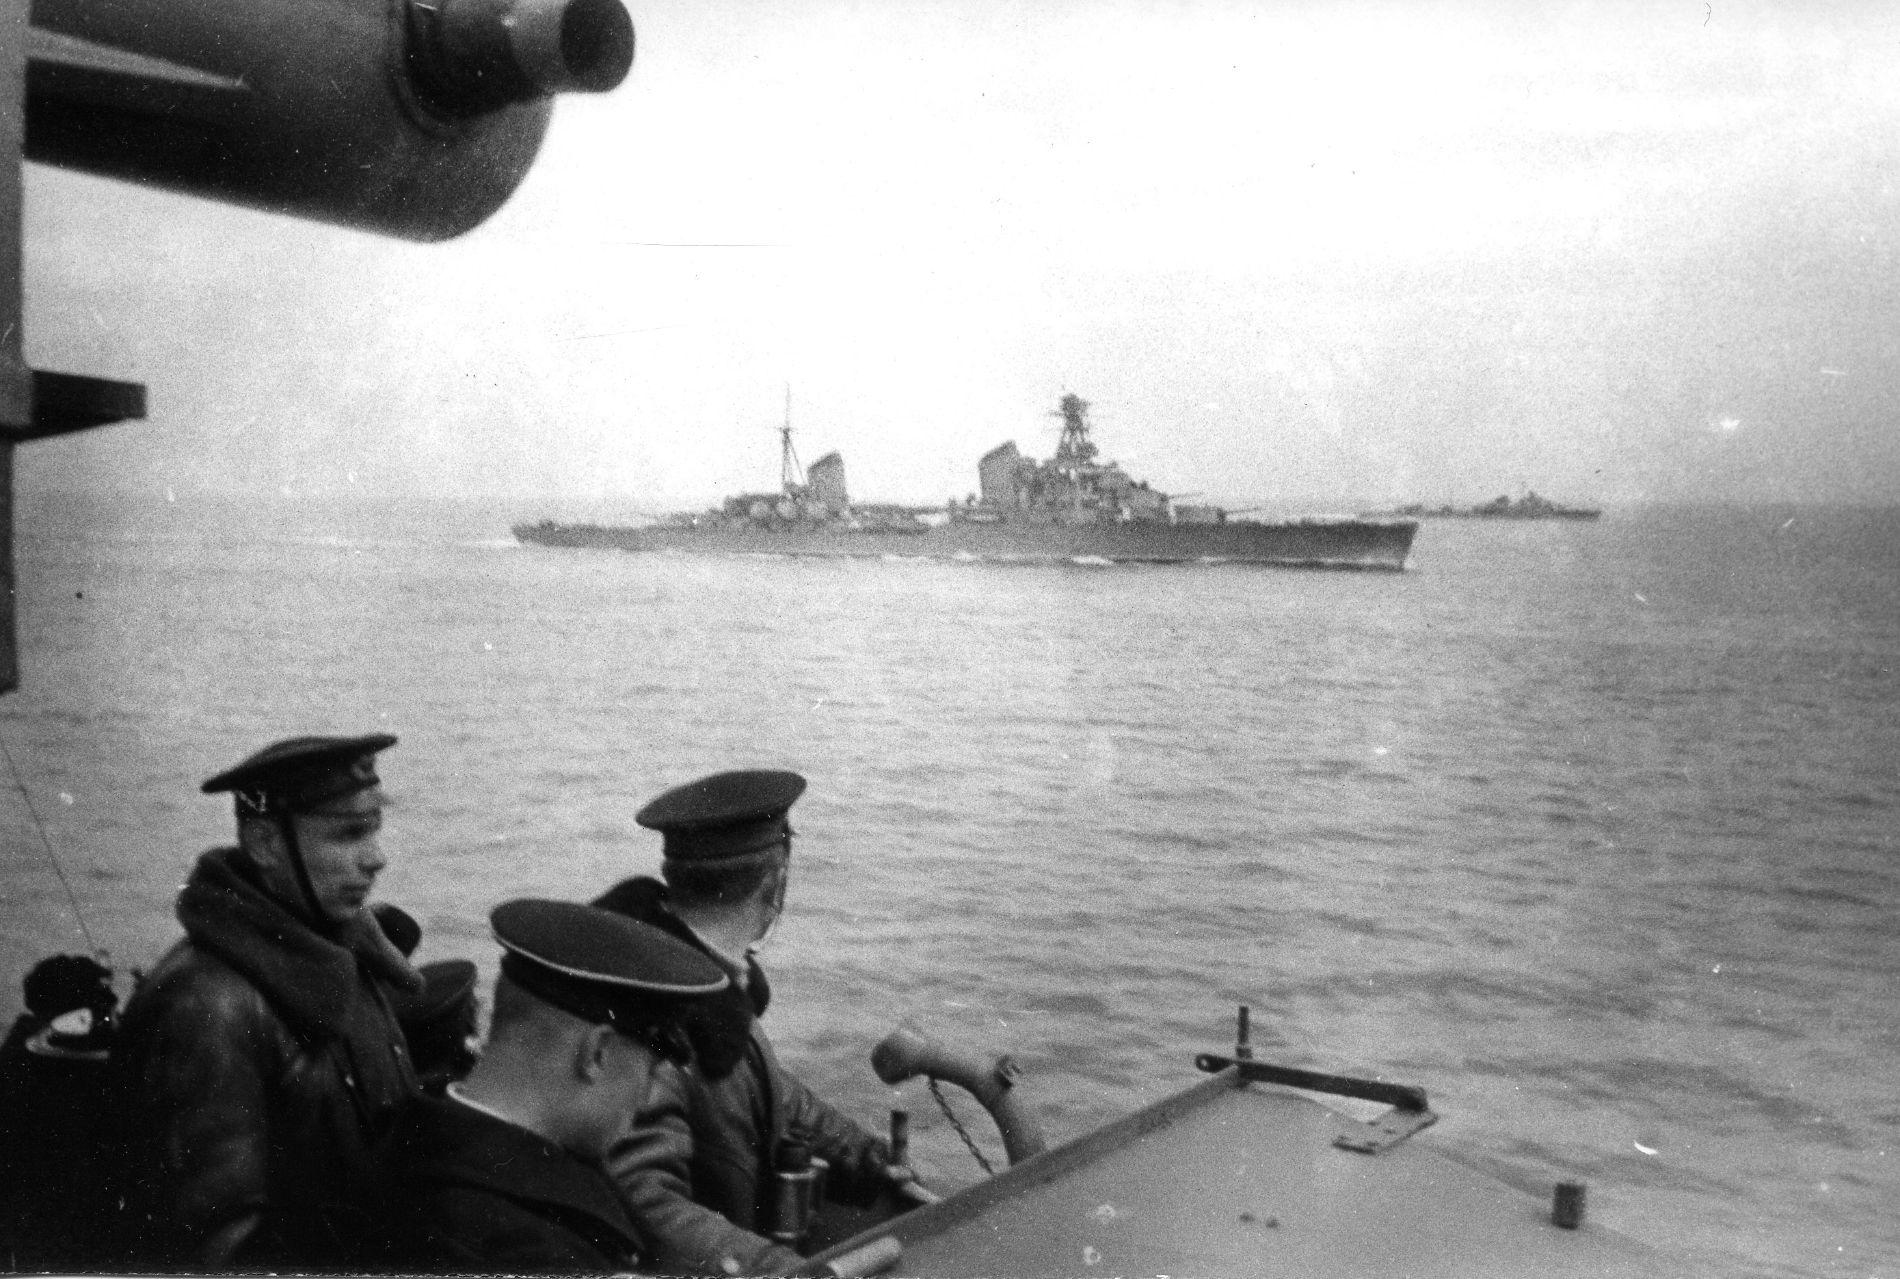 Крейсер «Ворошилов» и эсминец «Беспощадный» в походе. Фото с эсминца «Бойкий», ноябрь 1942 года ©Фото с сайта http://waralbum.ru